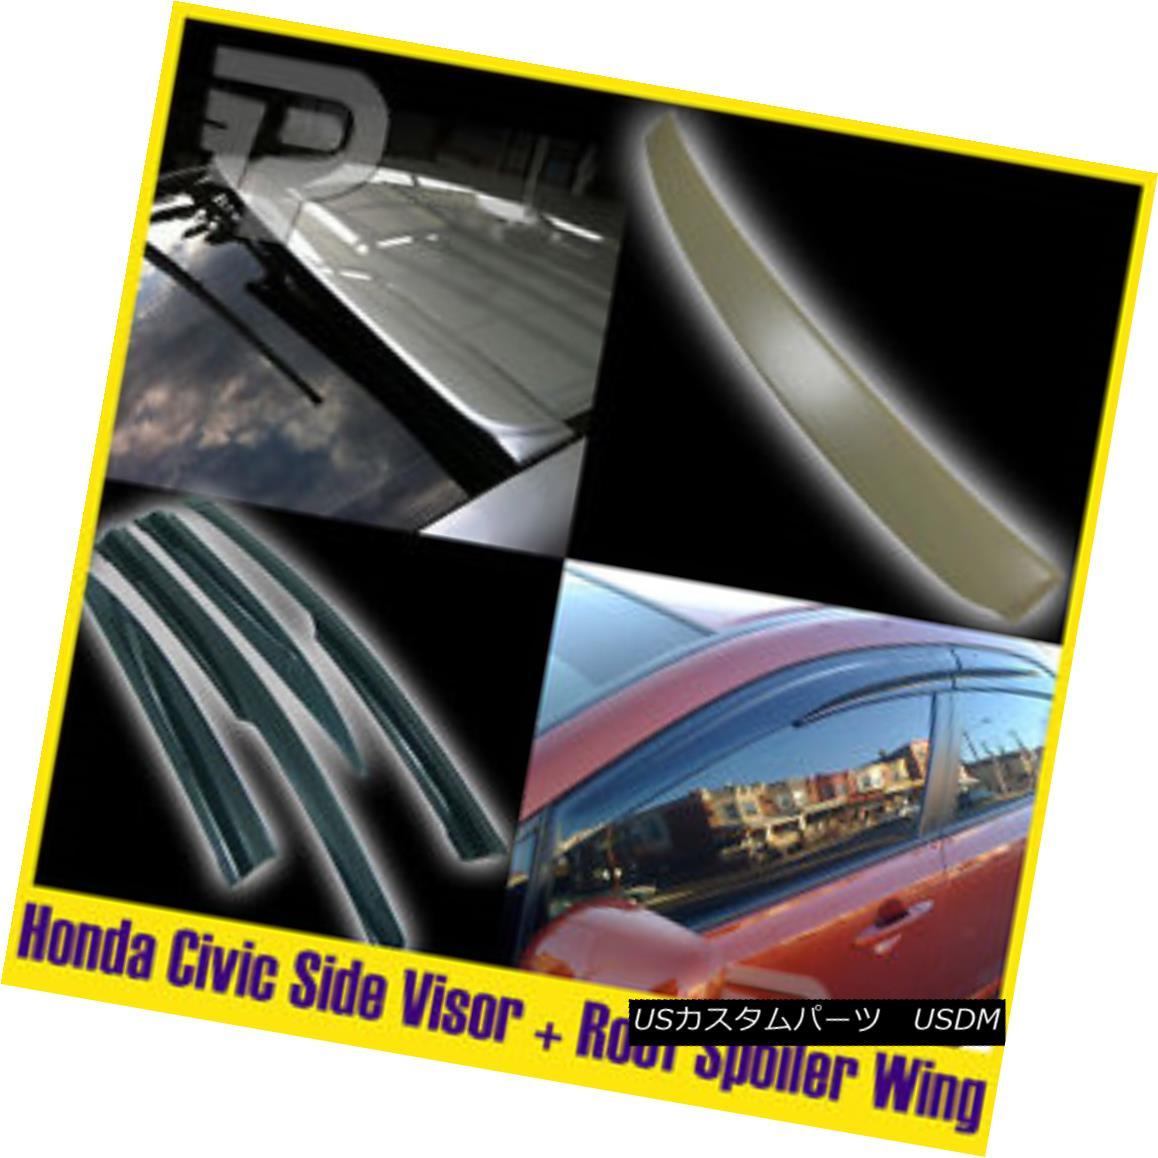 エアロパーツ Unpainted Honda Civic 8th Side Visor and Roof Spoiler Sedan 4DR 06-11 未塗装のホンダシビック8番サイドバイザーとルーフスポイラーセダン4DR 06-11